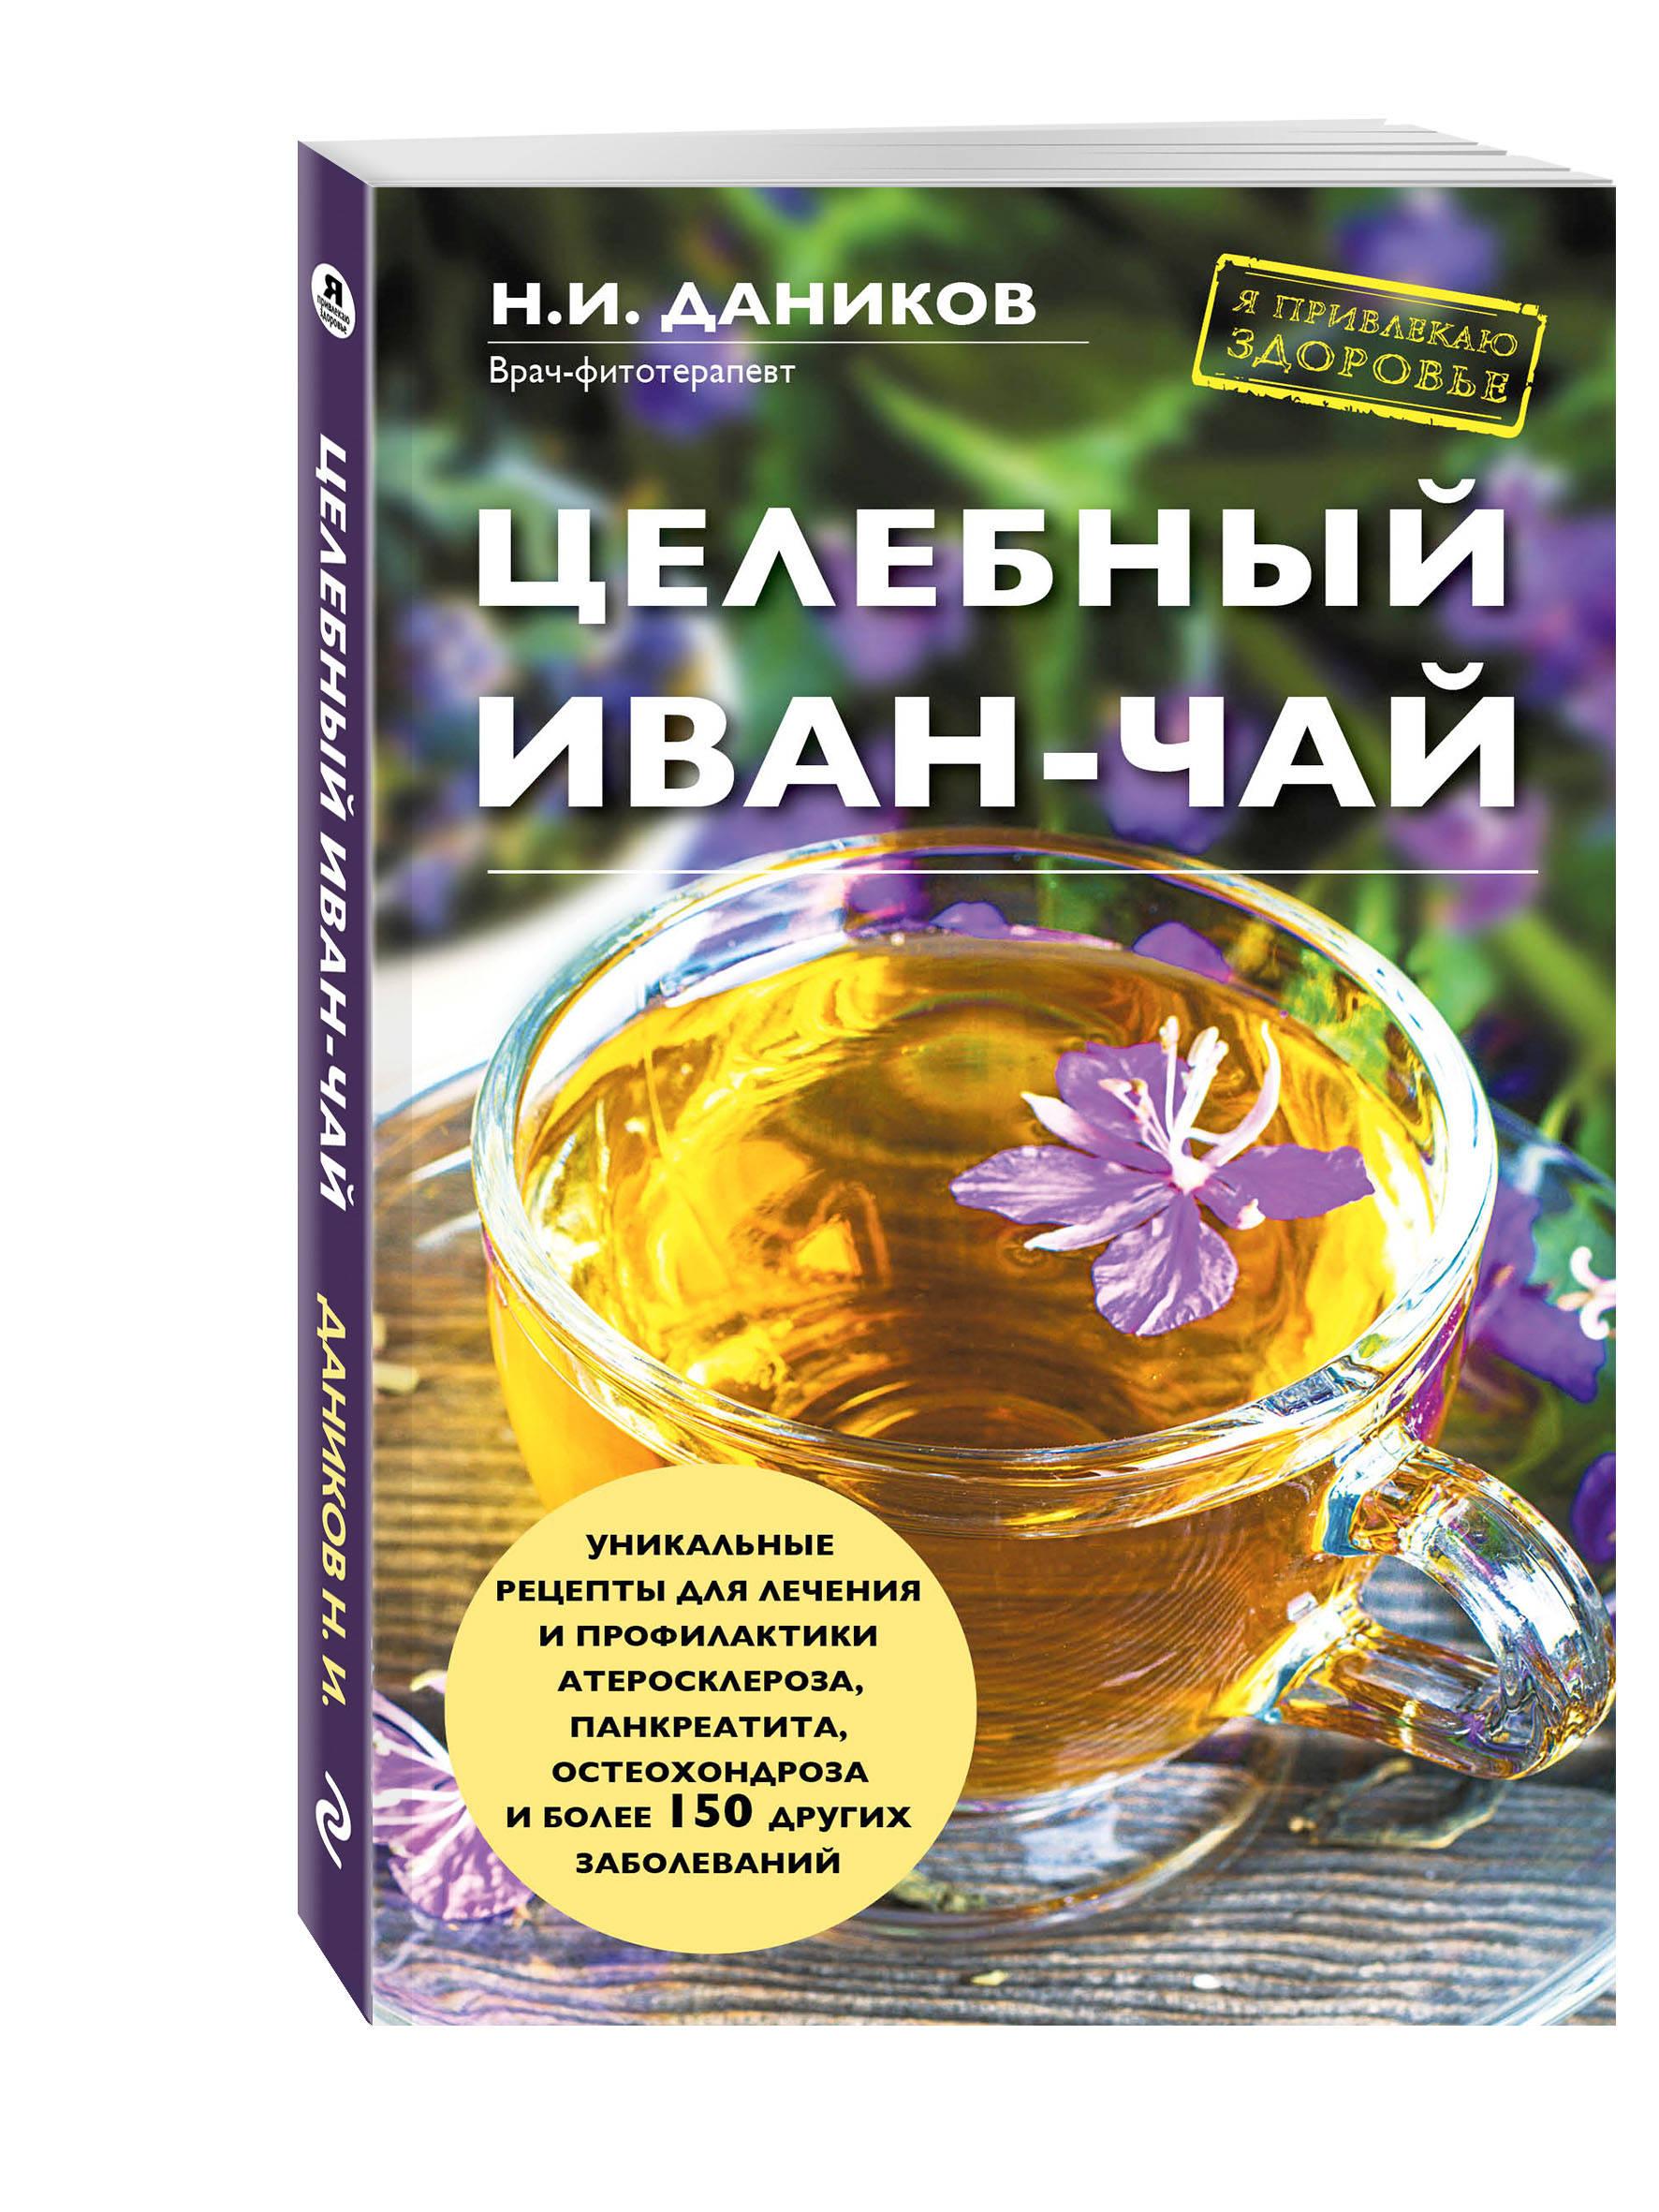 Даников Н.И. Целебный иван-чай в какой аптеке г горловка донецкая обл можно купить иван чай